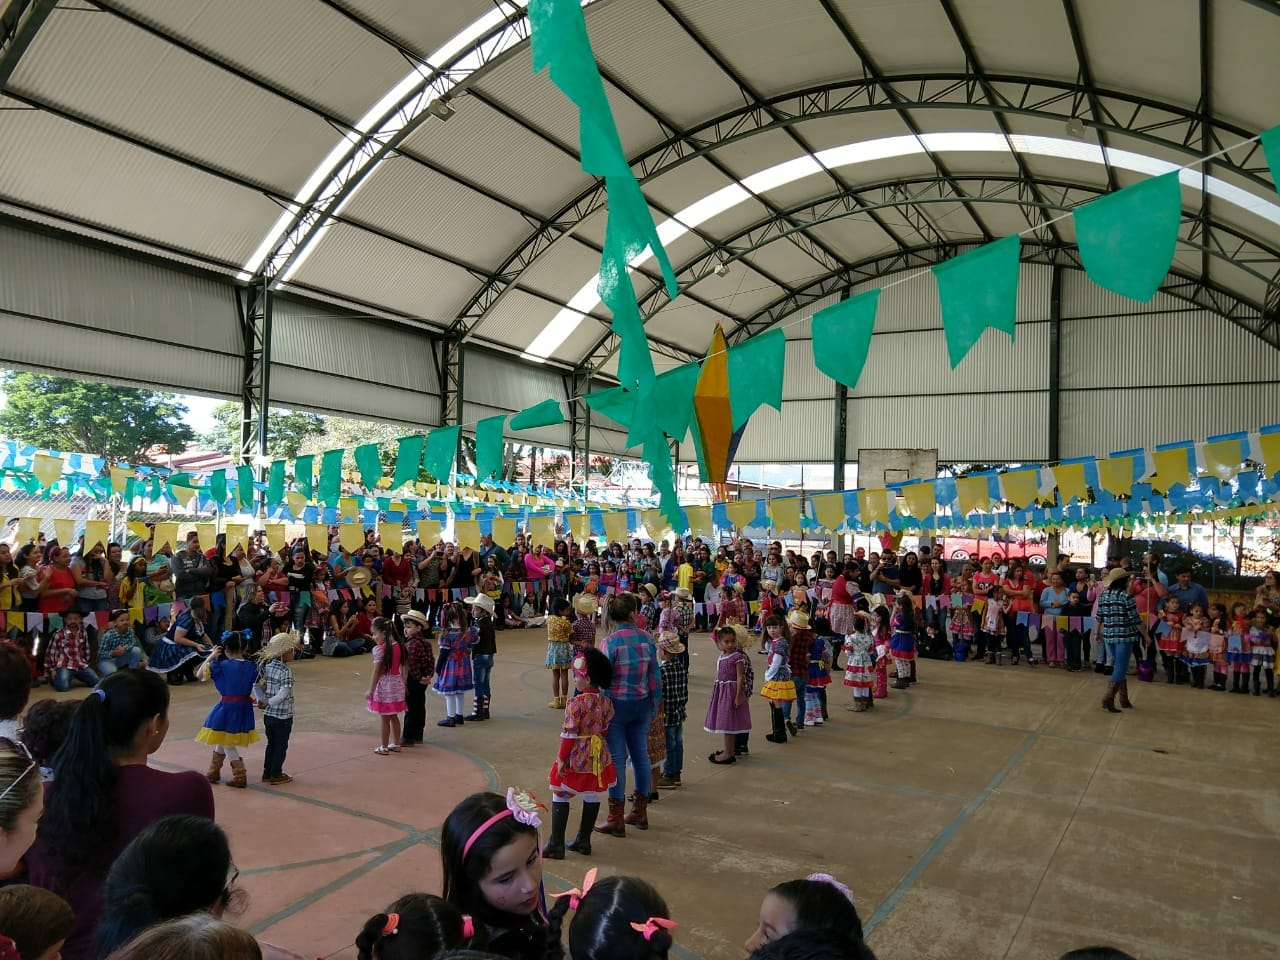 Escolas da Rede Municipal de Ensino em Itararé (SP) dão início as festas julinas